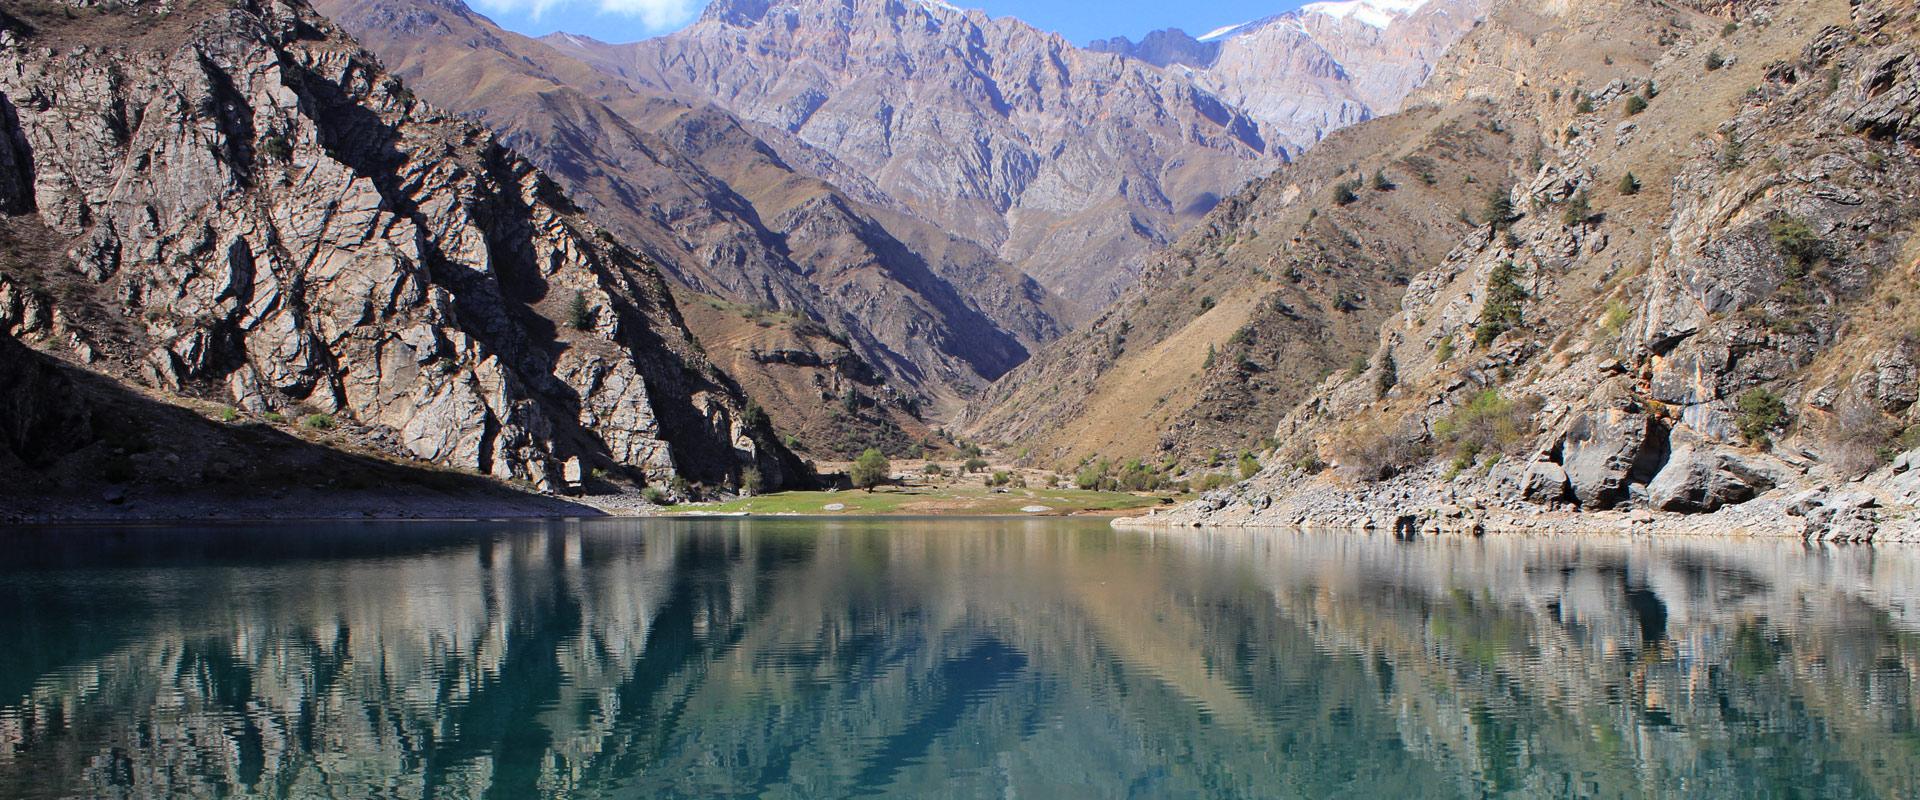 Mountain Lake Veres Vert